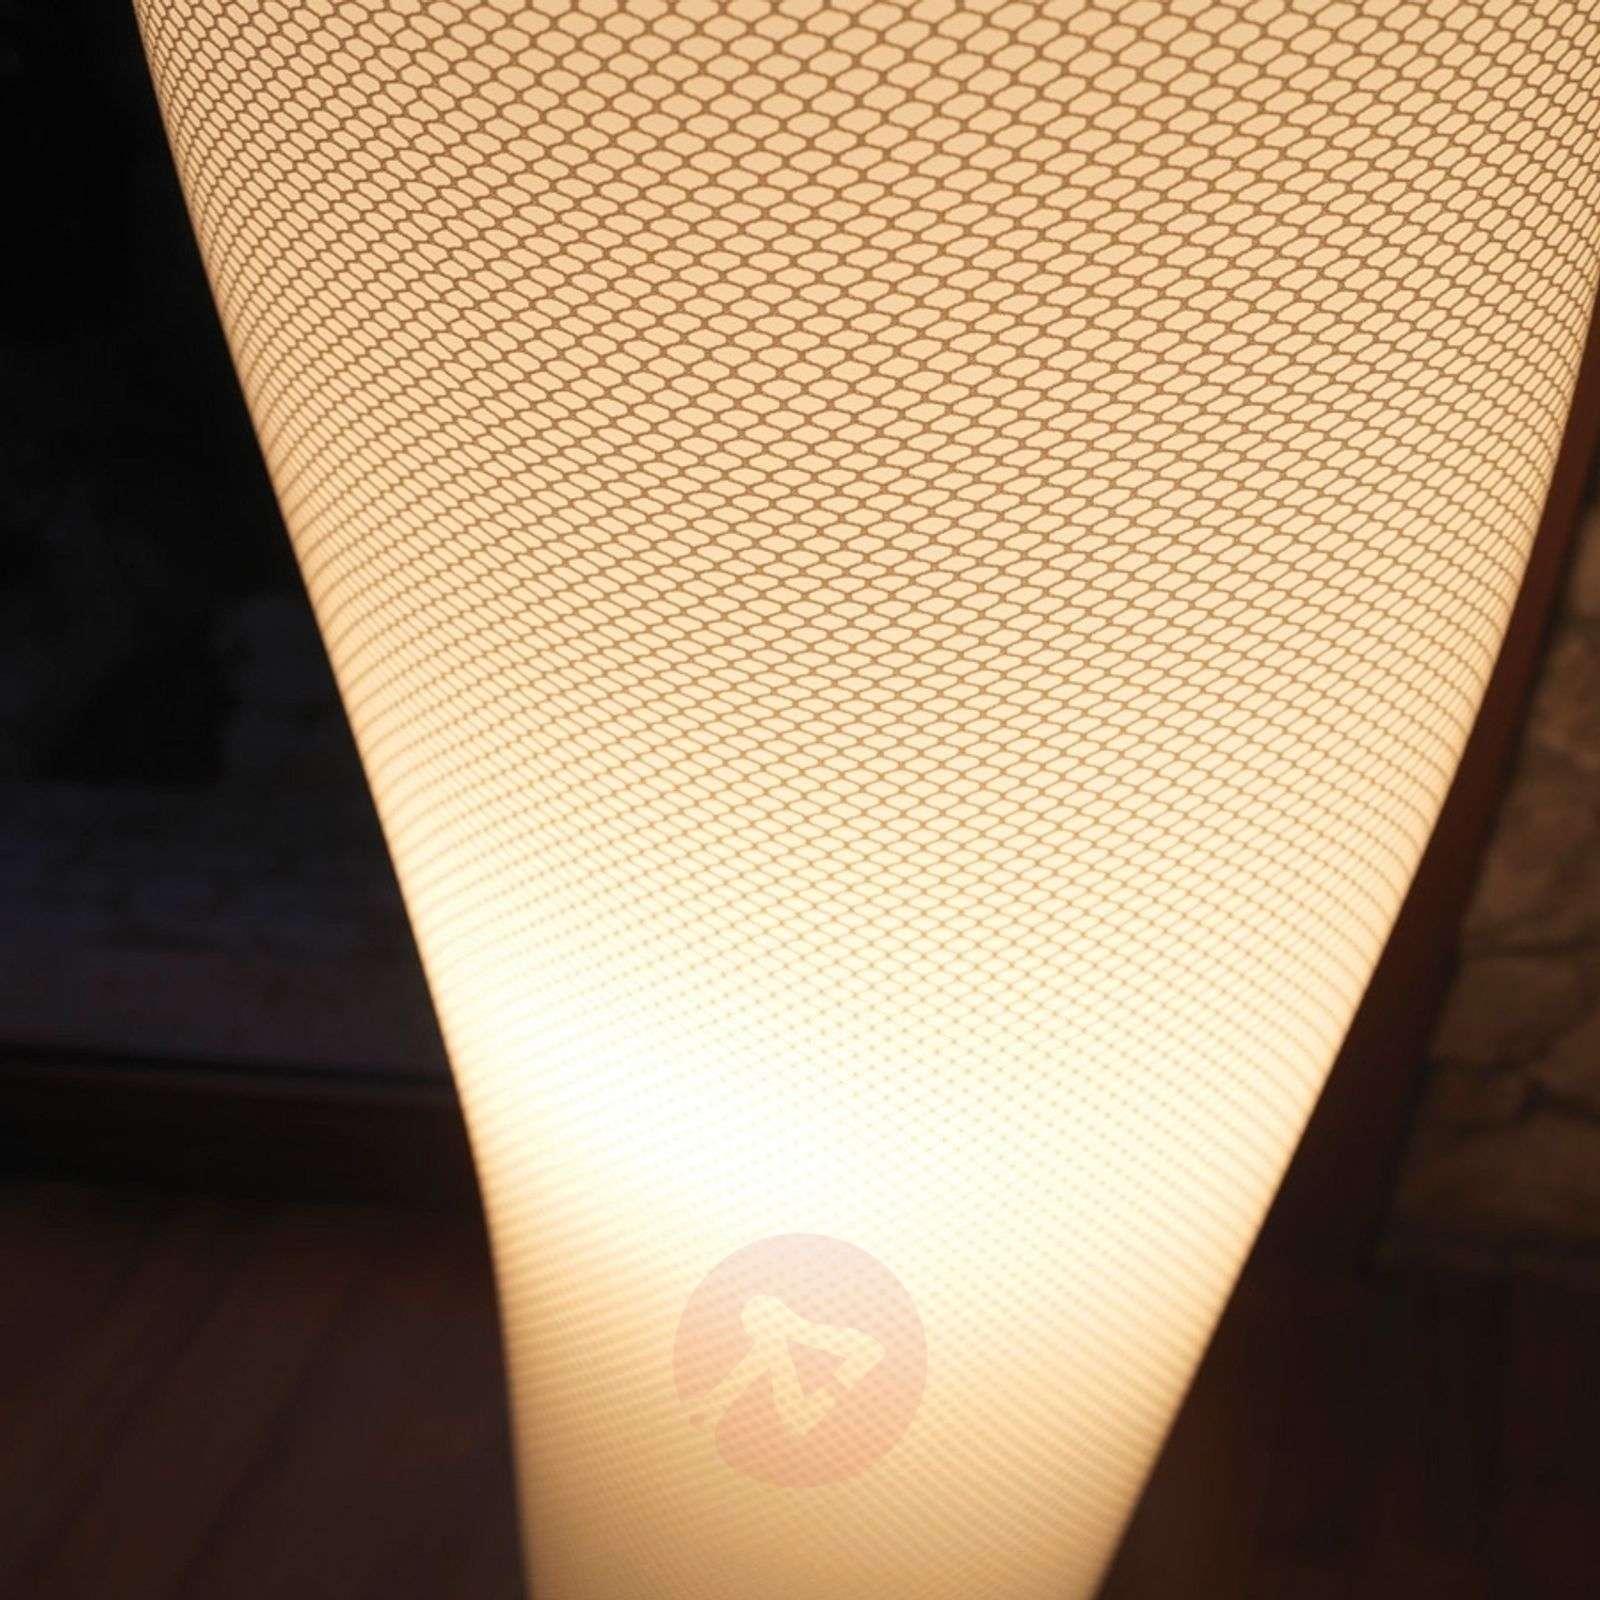 Verkko Warm-lattiavalaisimelle-5501078X-01